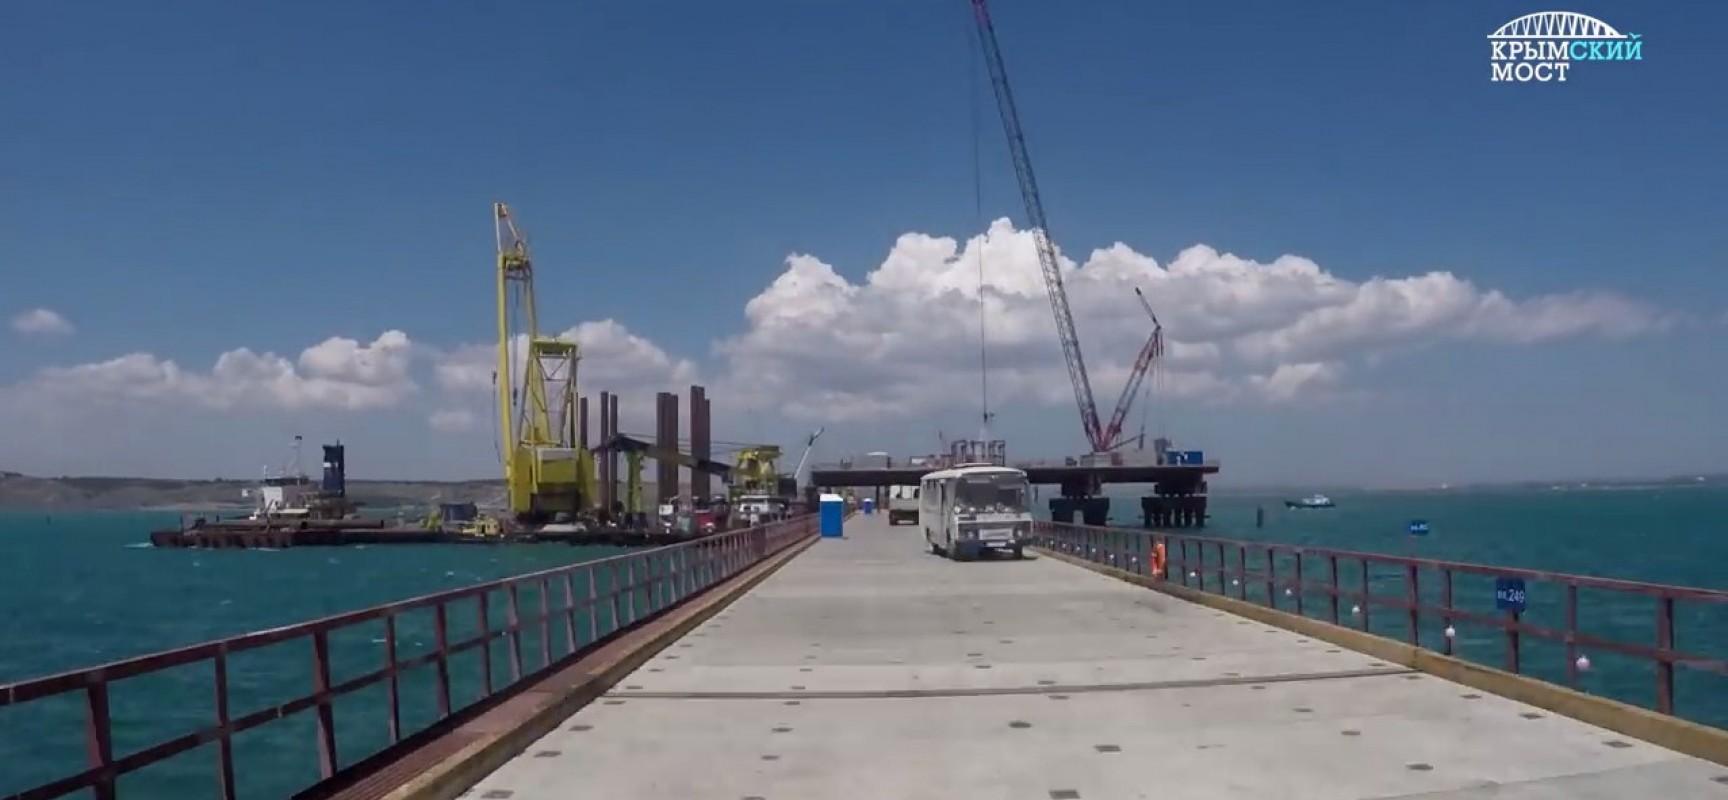 Керченский мост, готовность опор на Тузле, 20 июля 2016